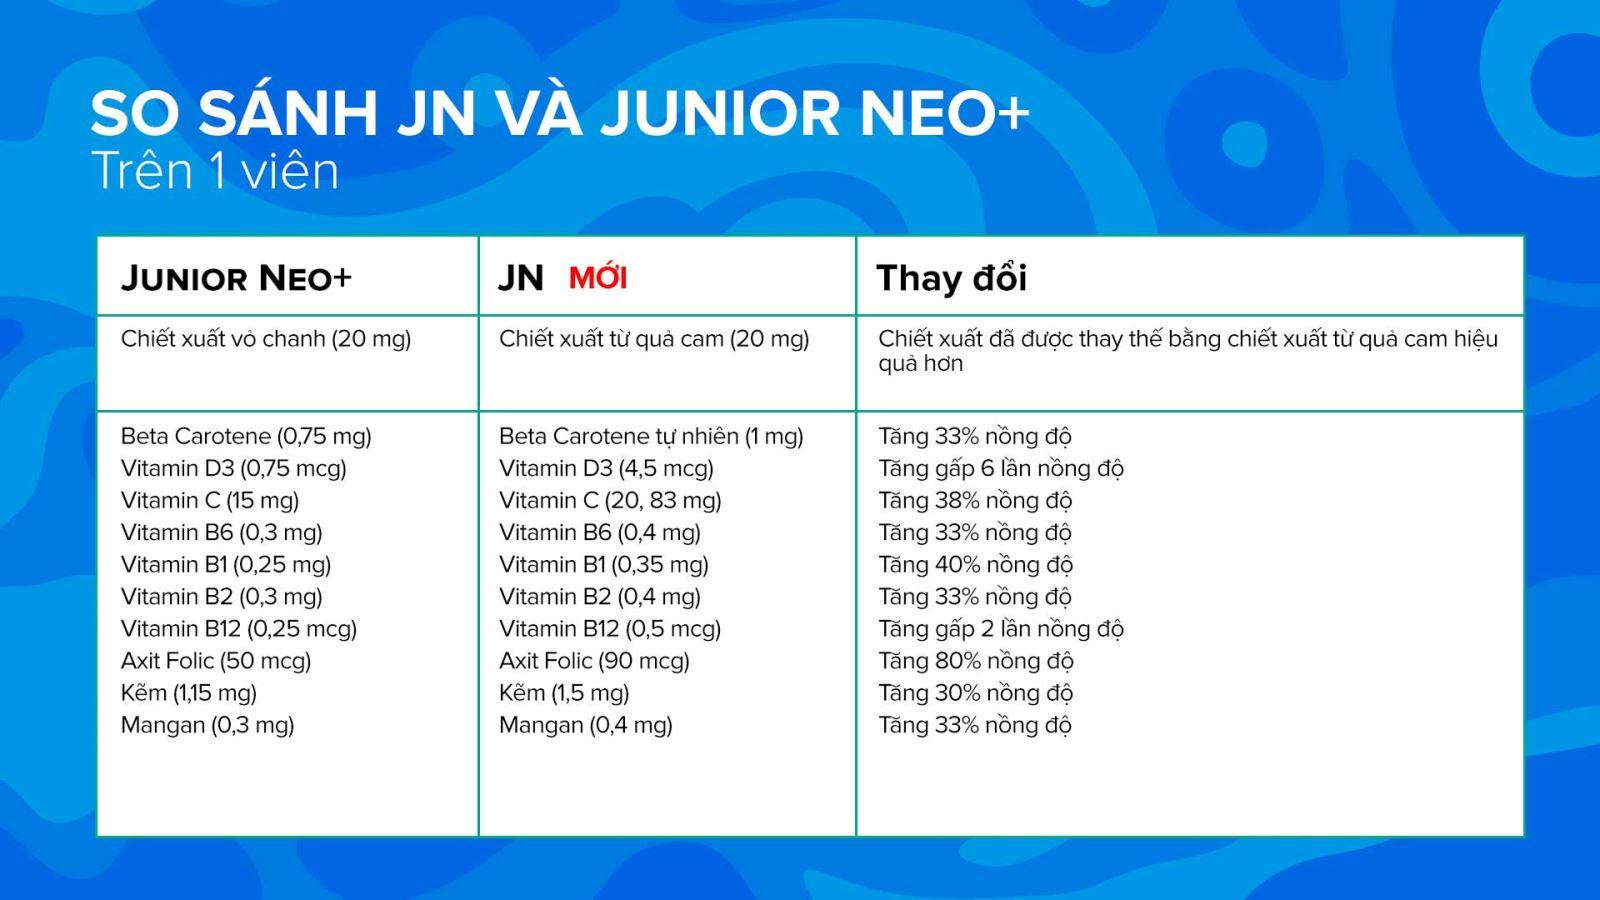 Bảng so sánh thành phần trong sản phẩm JN và Junior Neo